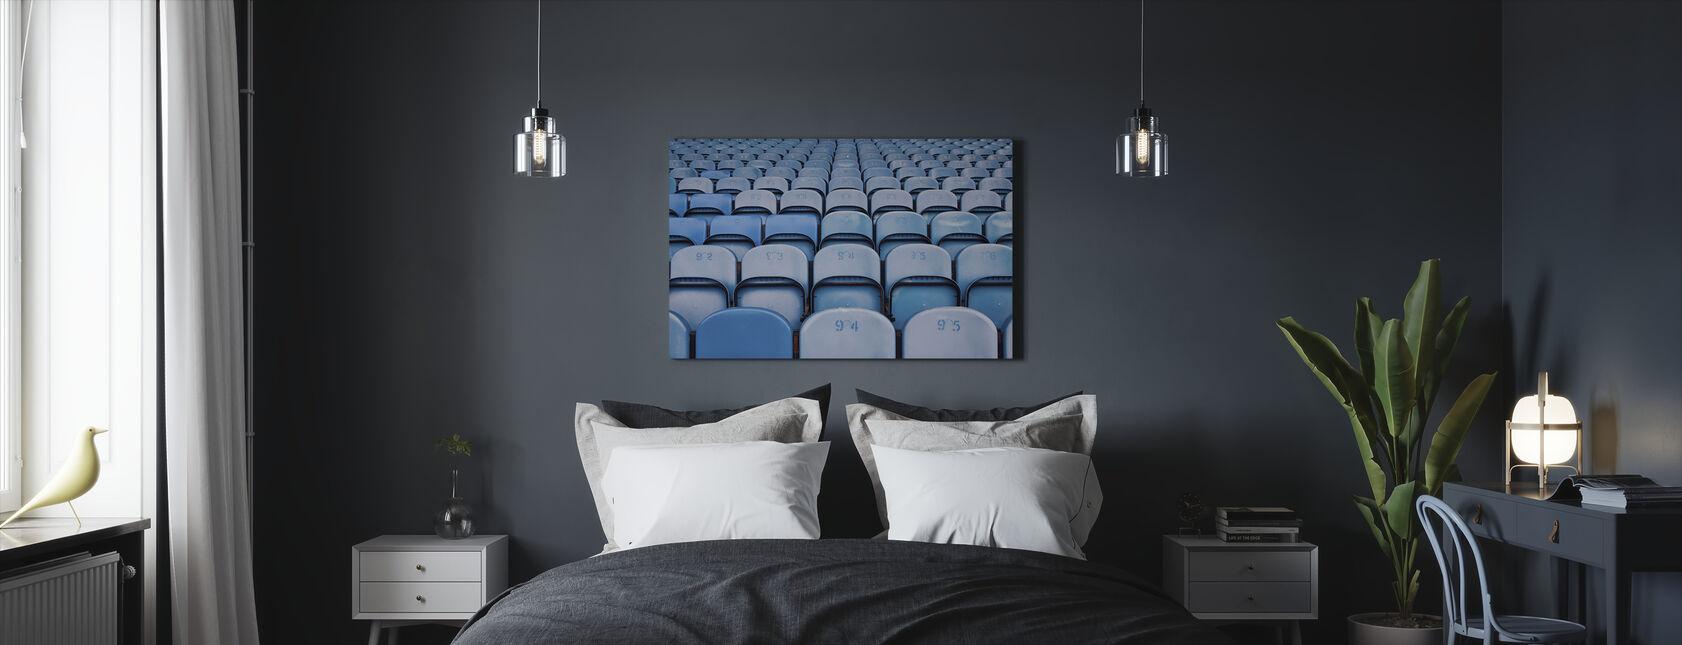 Blå Lighter Stole - Billede på lærred - Soveværelse